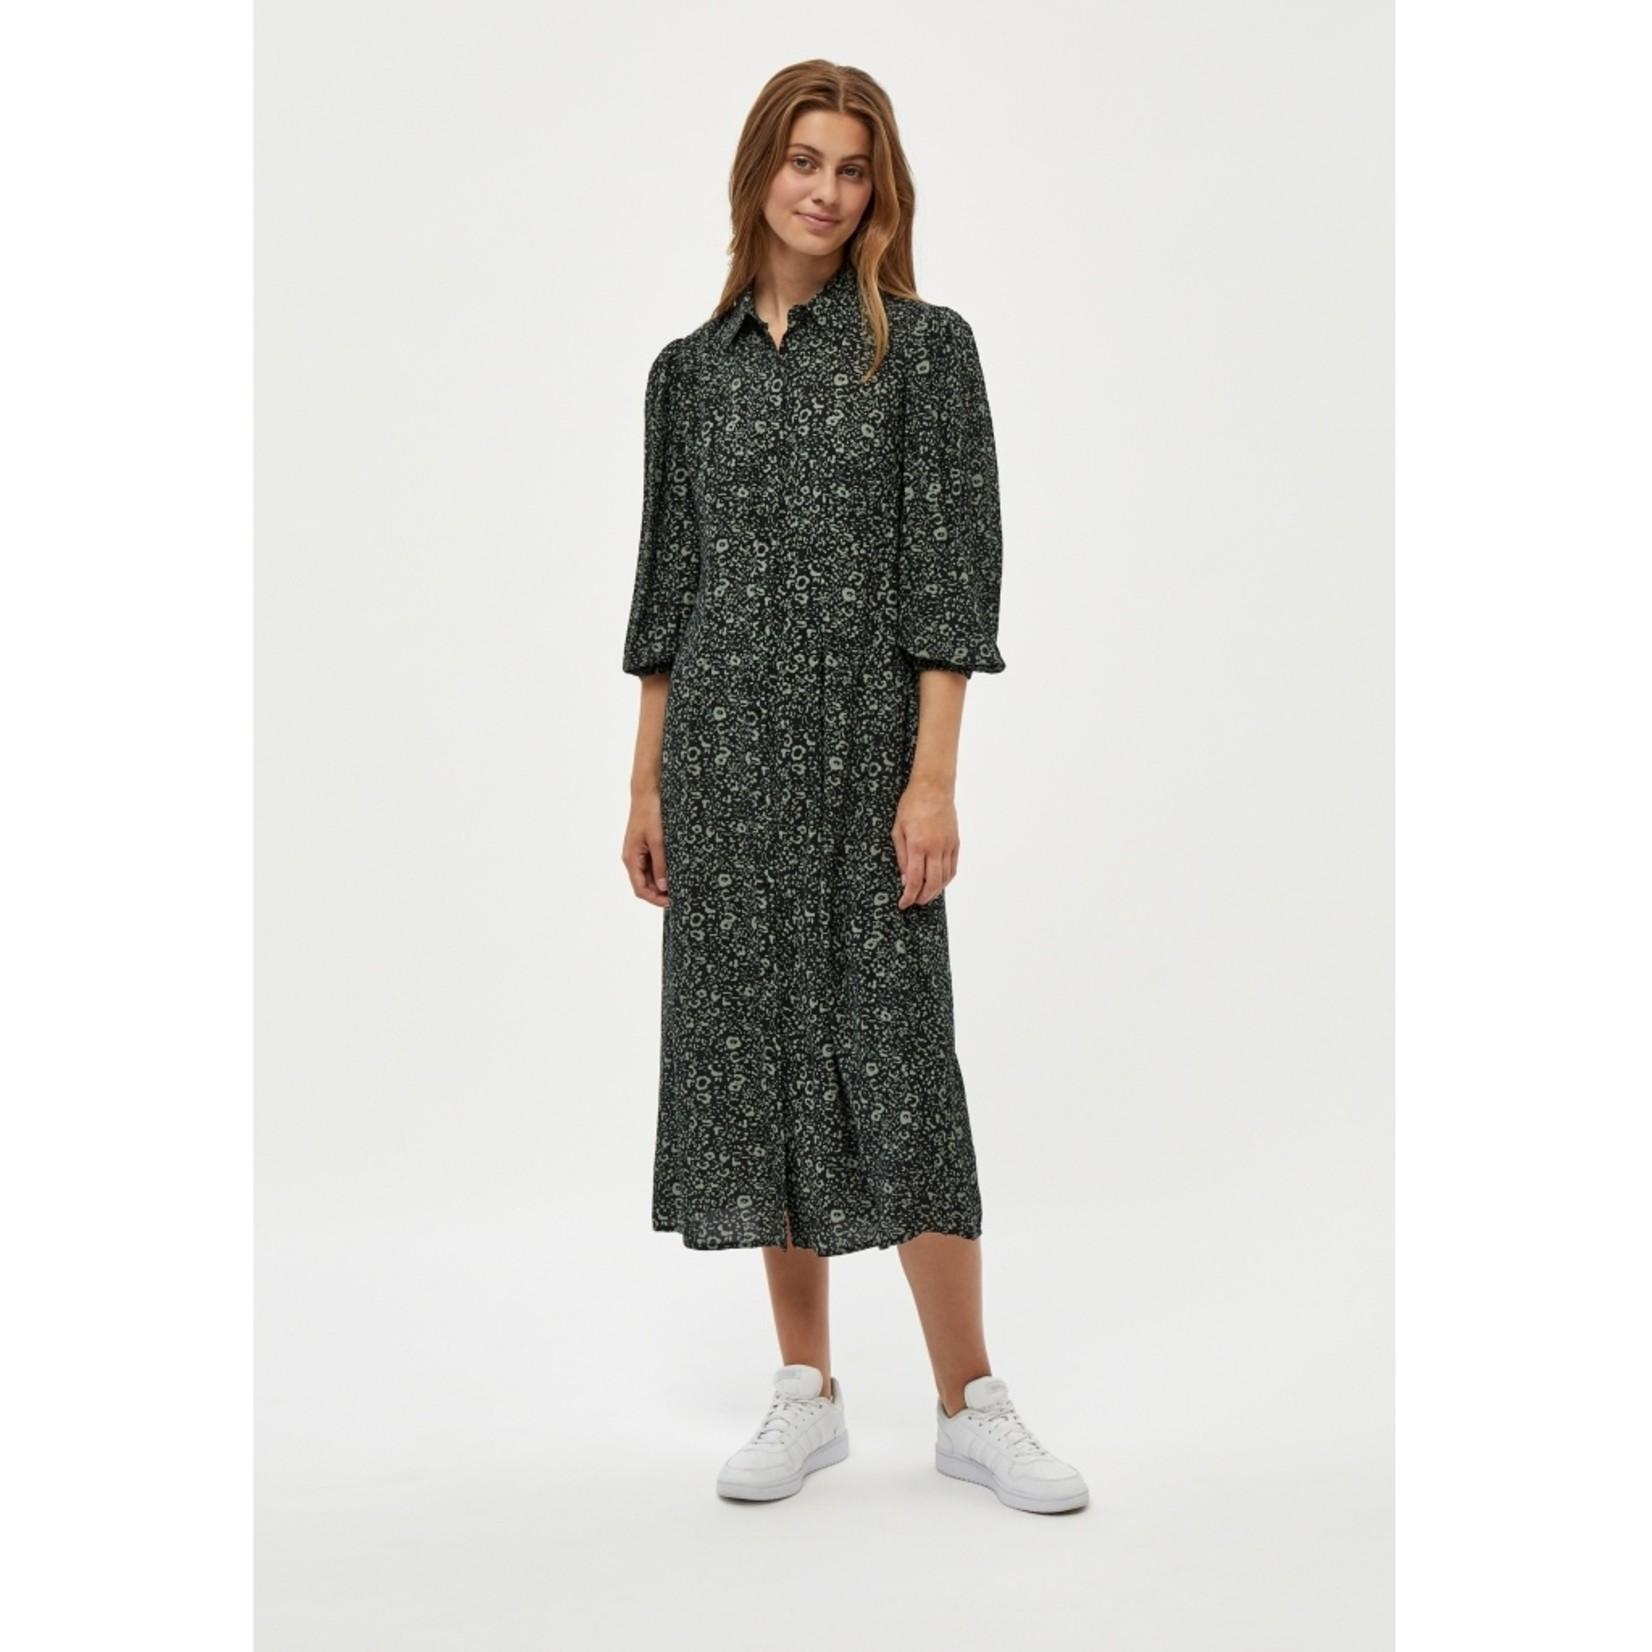 DESIRES GEORGIA SHIRT DRESS, jurk lange mouw